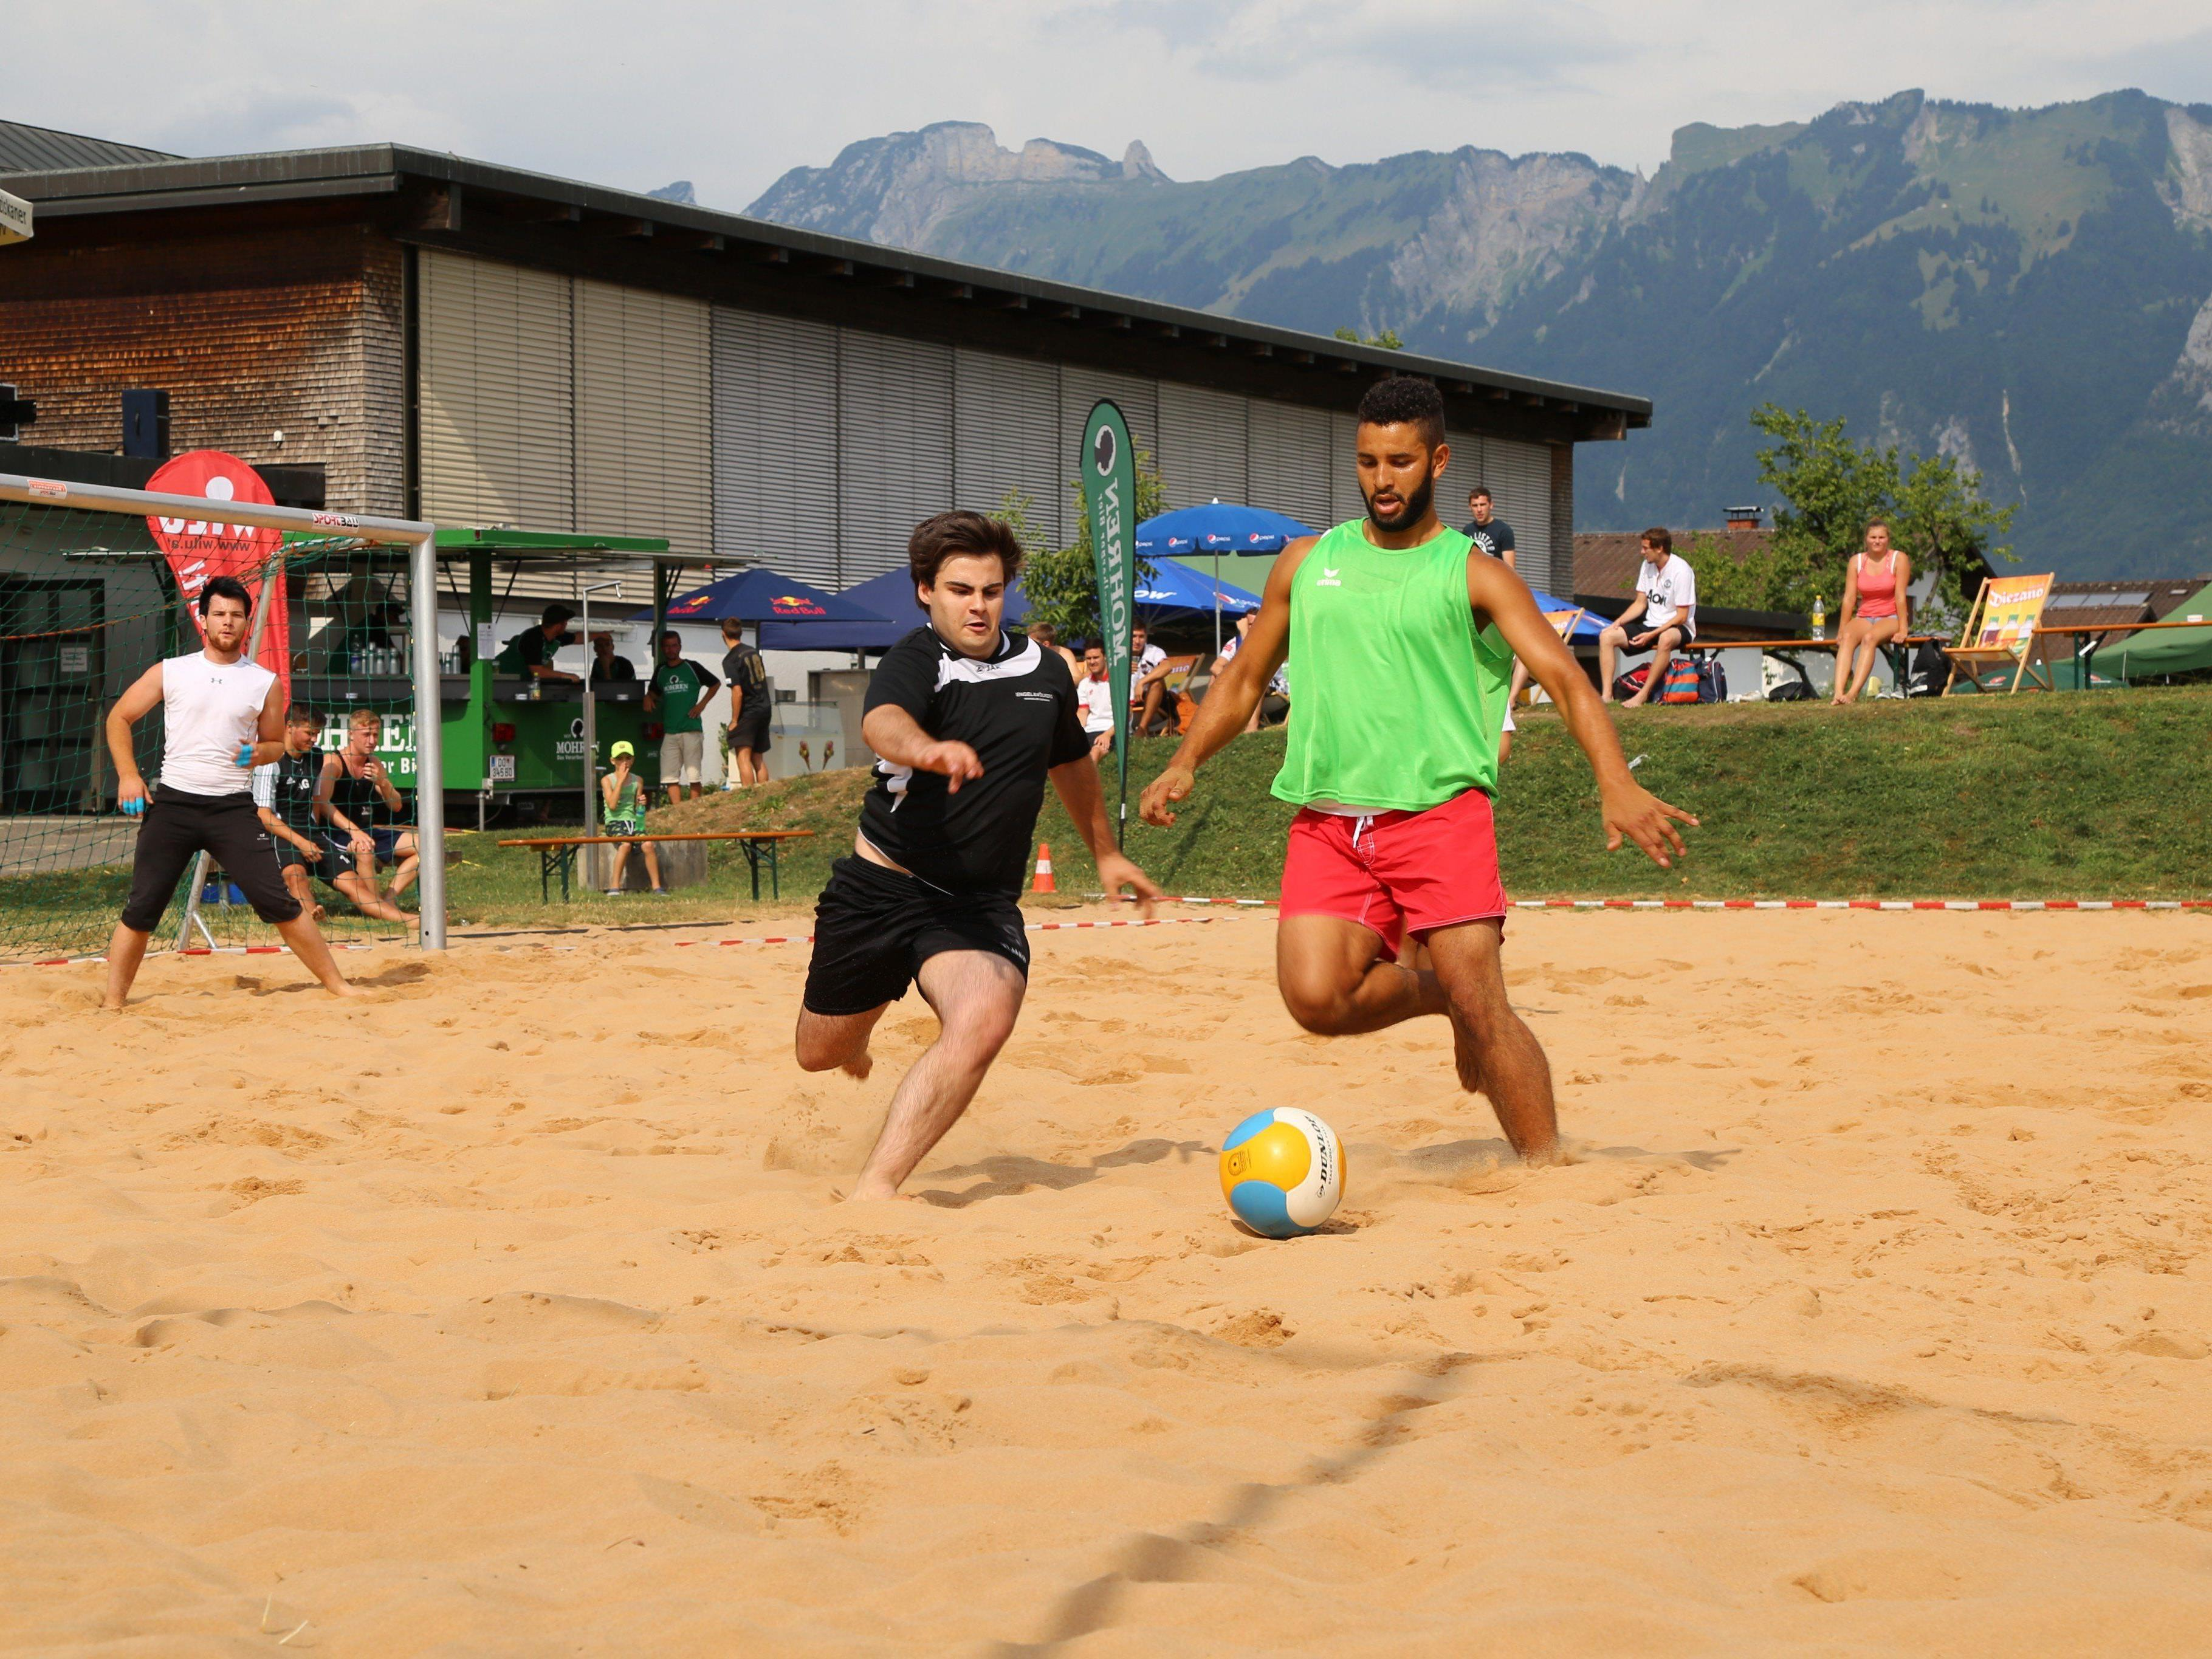 Der Sand fliegte durch das Spielfeld in Nofels.